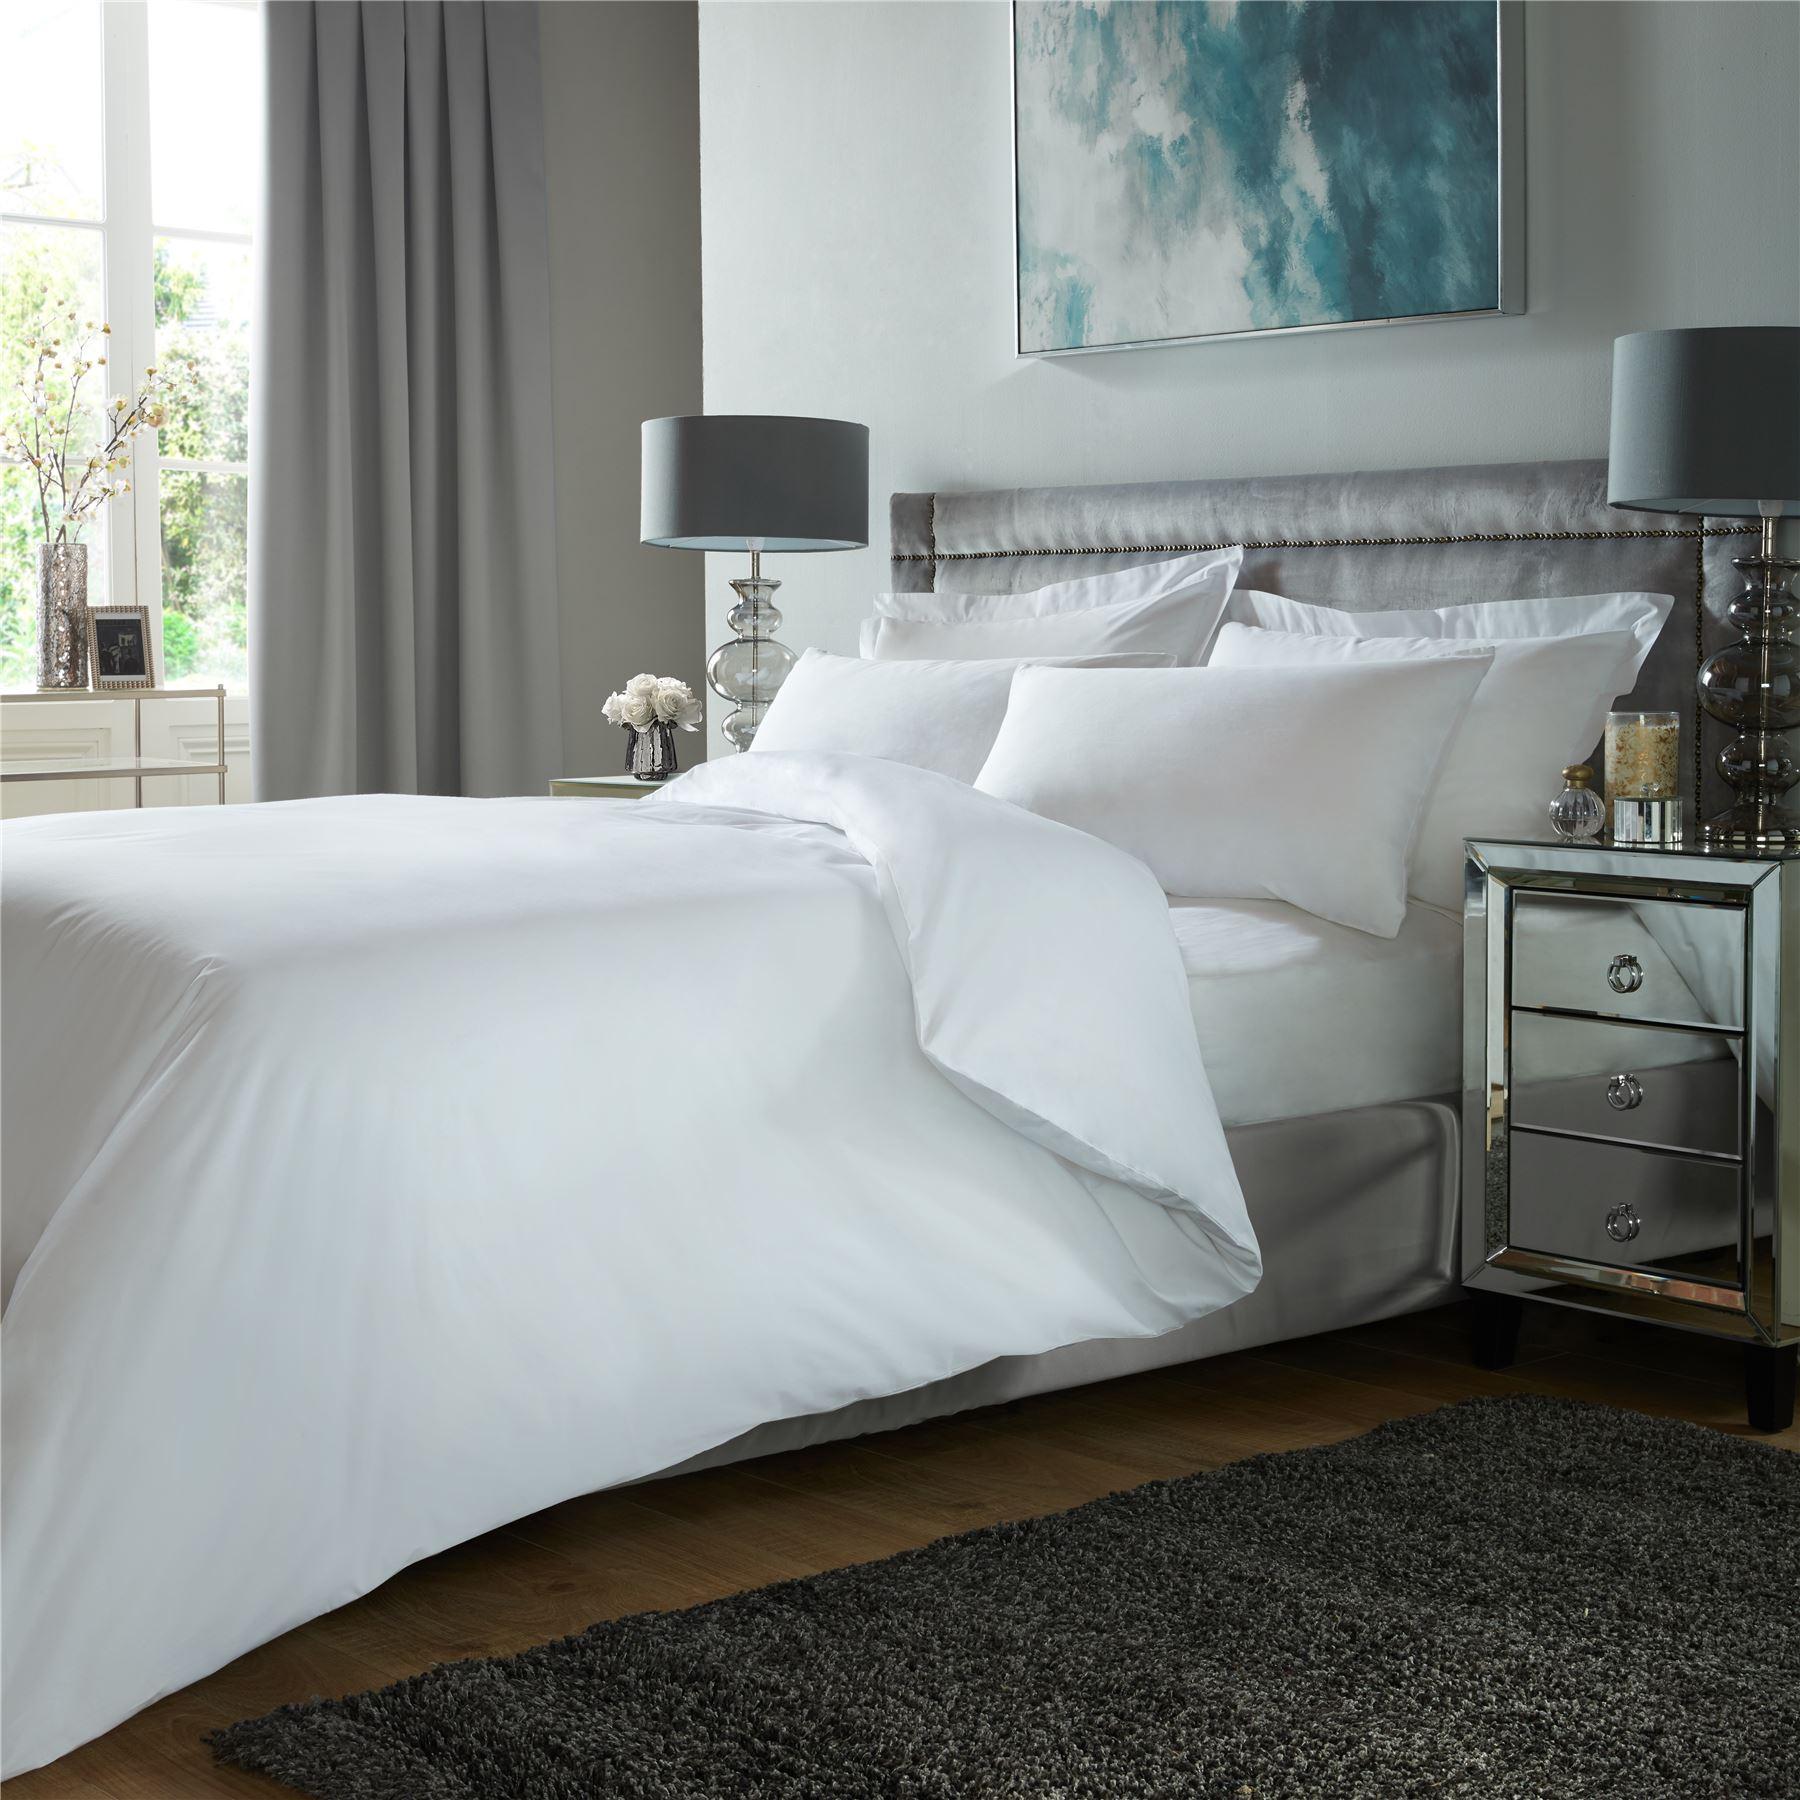 De-Lujo-400TC-conjunto-de-funda-de-edredon-100-Algodon-Egipcio-ropa-de-cama-funda-de-almohada-tenida miniatura 22